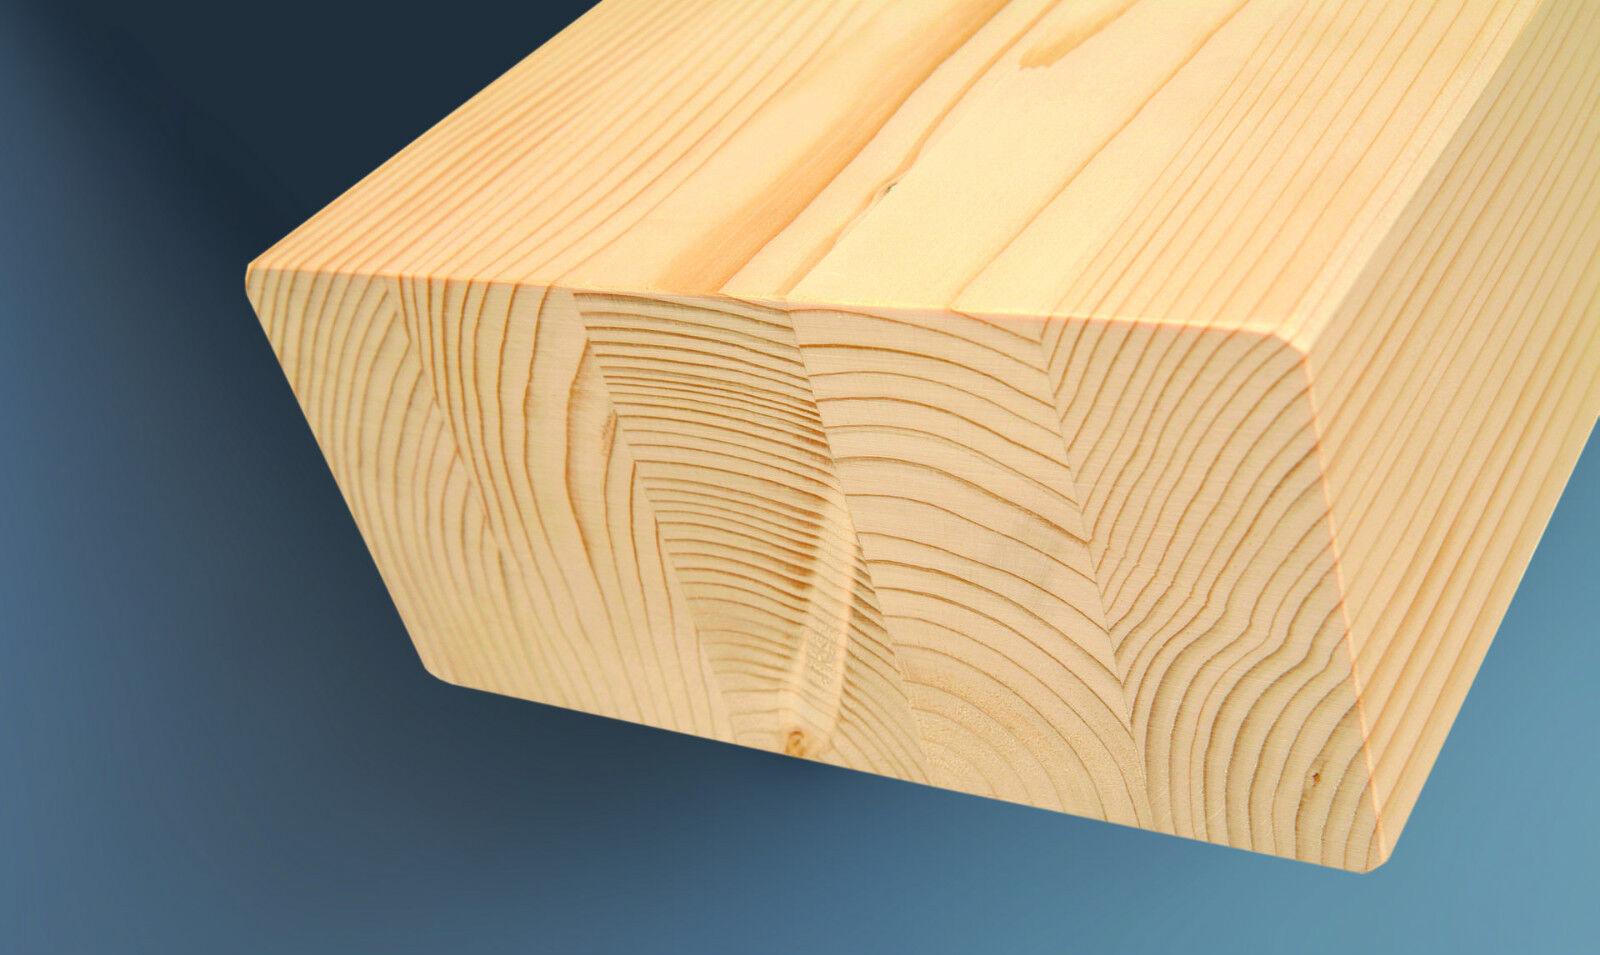 Trave in legno lamellare di abete nordico sezioni 12x12 for Pannelli in legno lamellare prezzi